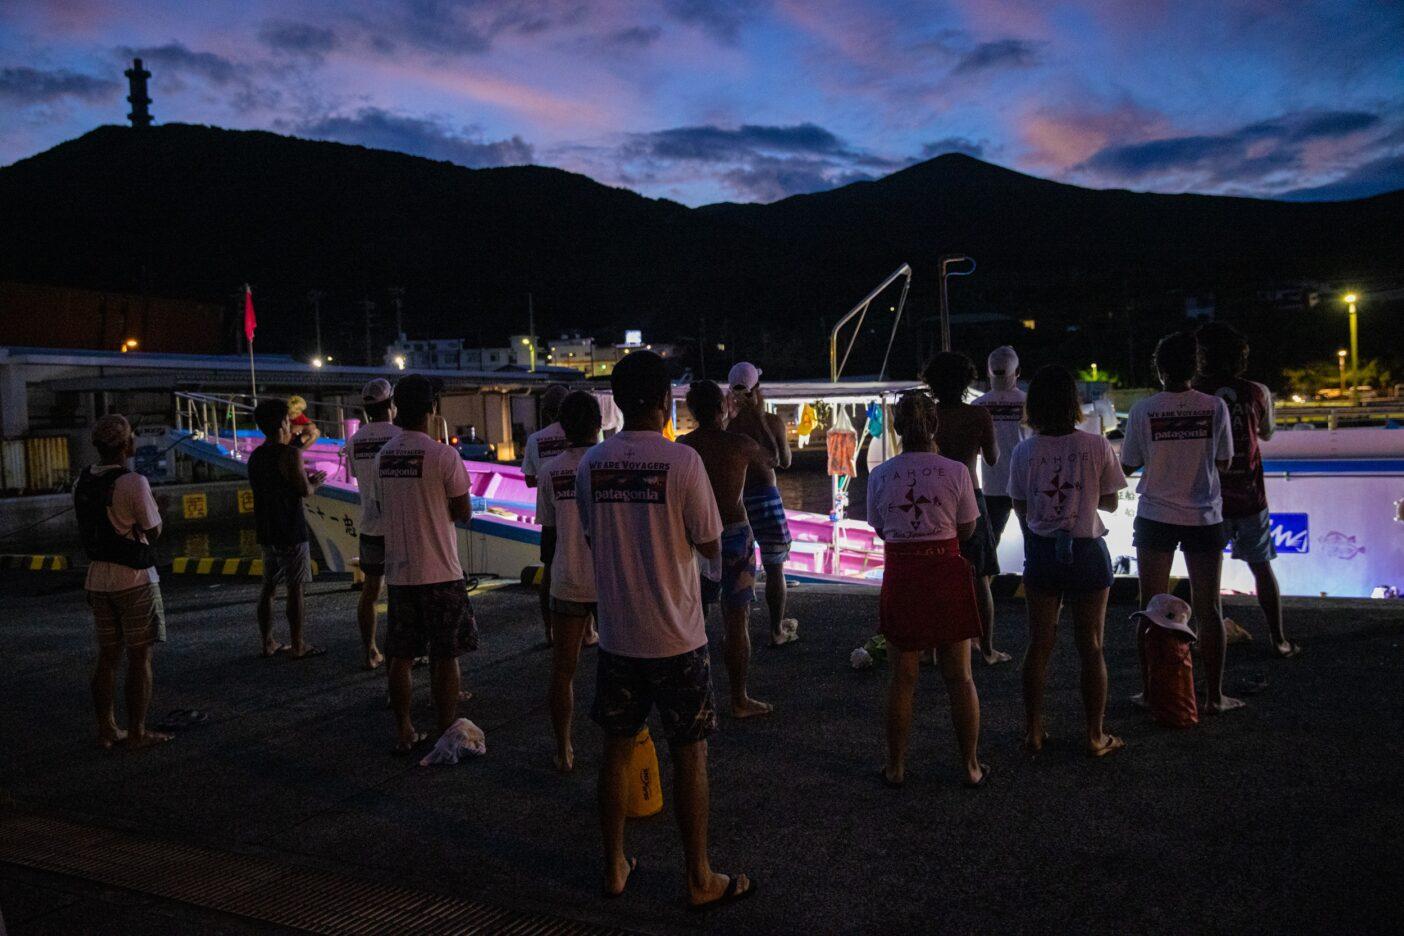 太陽が昇る頃、東の空に向けてチャントを捧げる。漕ぎ出す前に行なう、いつもの大切な儀式。Photo:Sayoko Suzuki